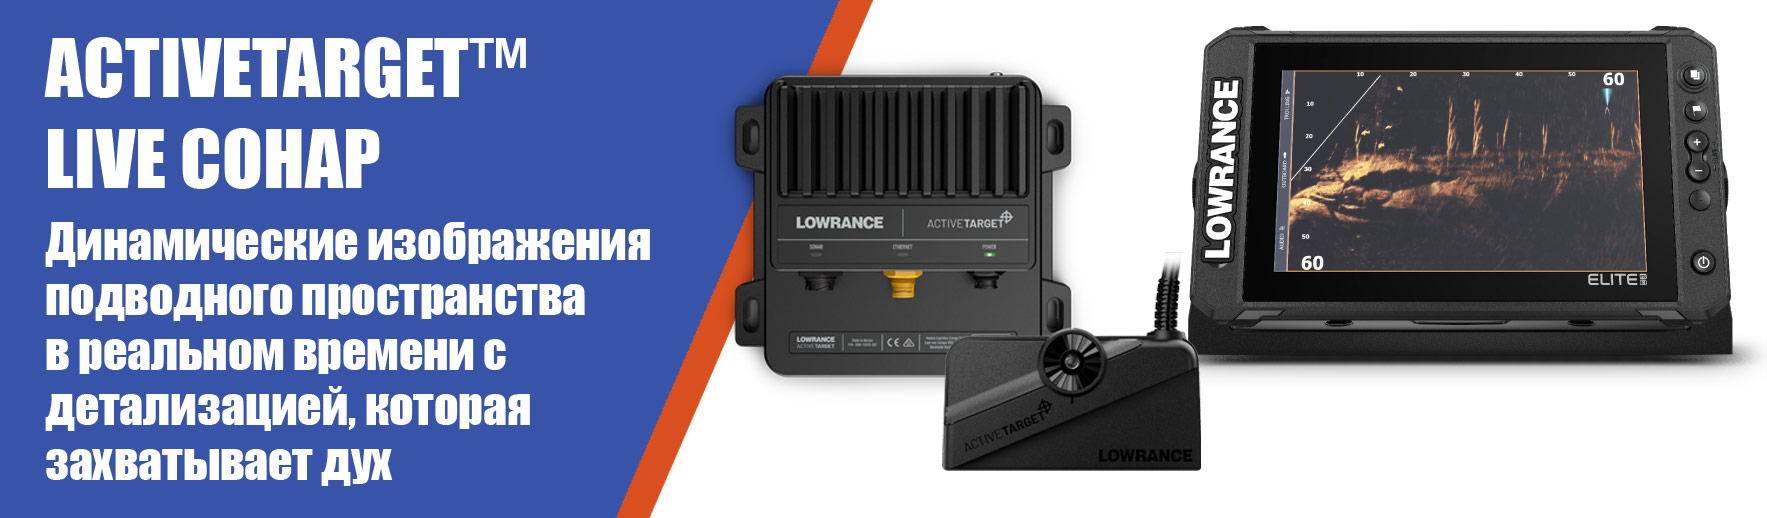 Сверхсовременный трансдьюсер Lowrance ActiveTarget™